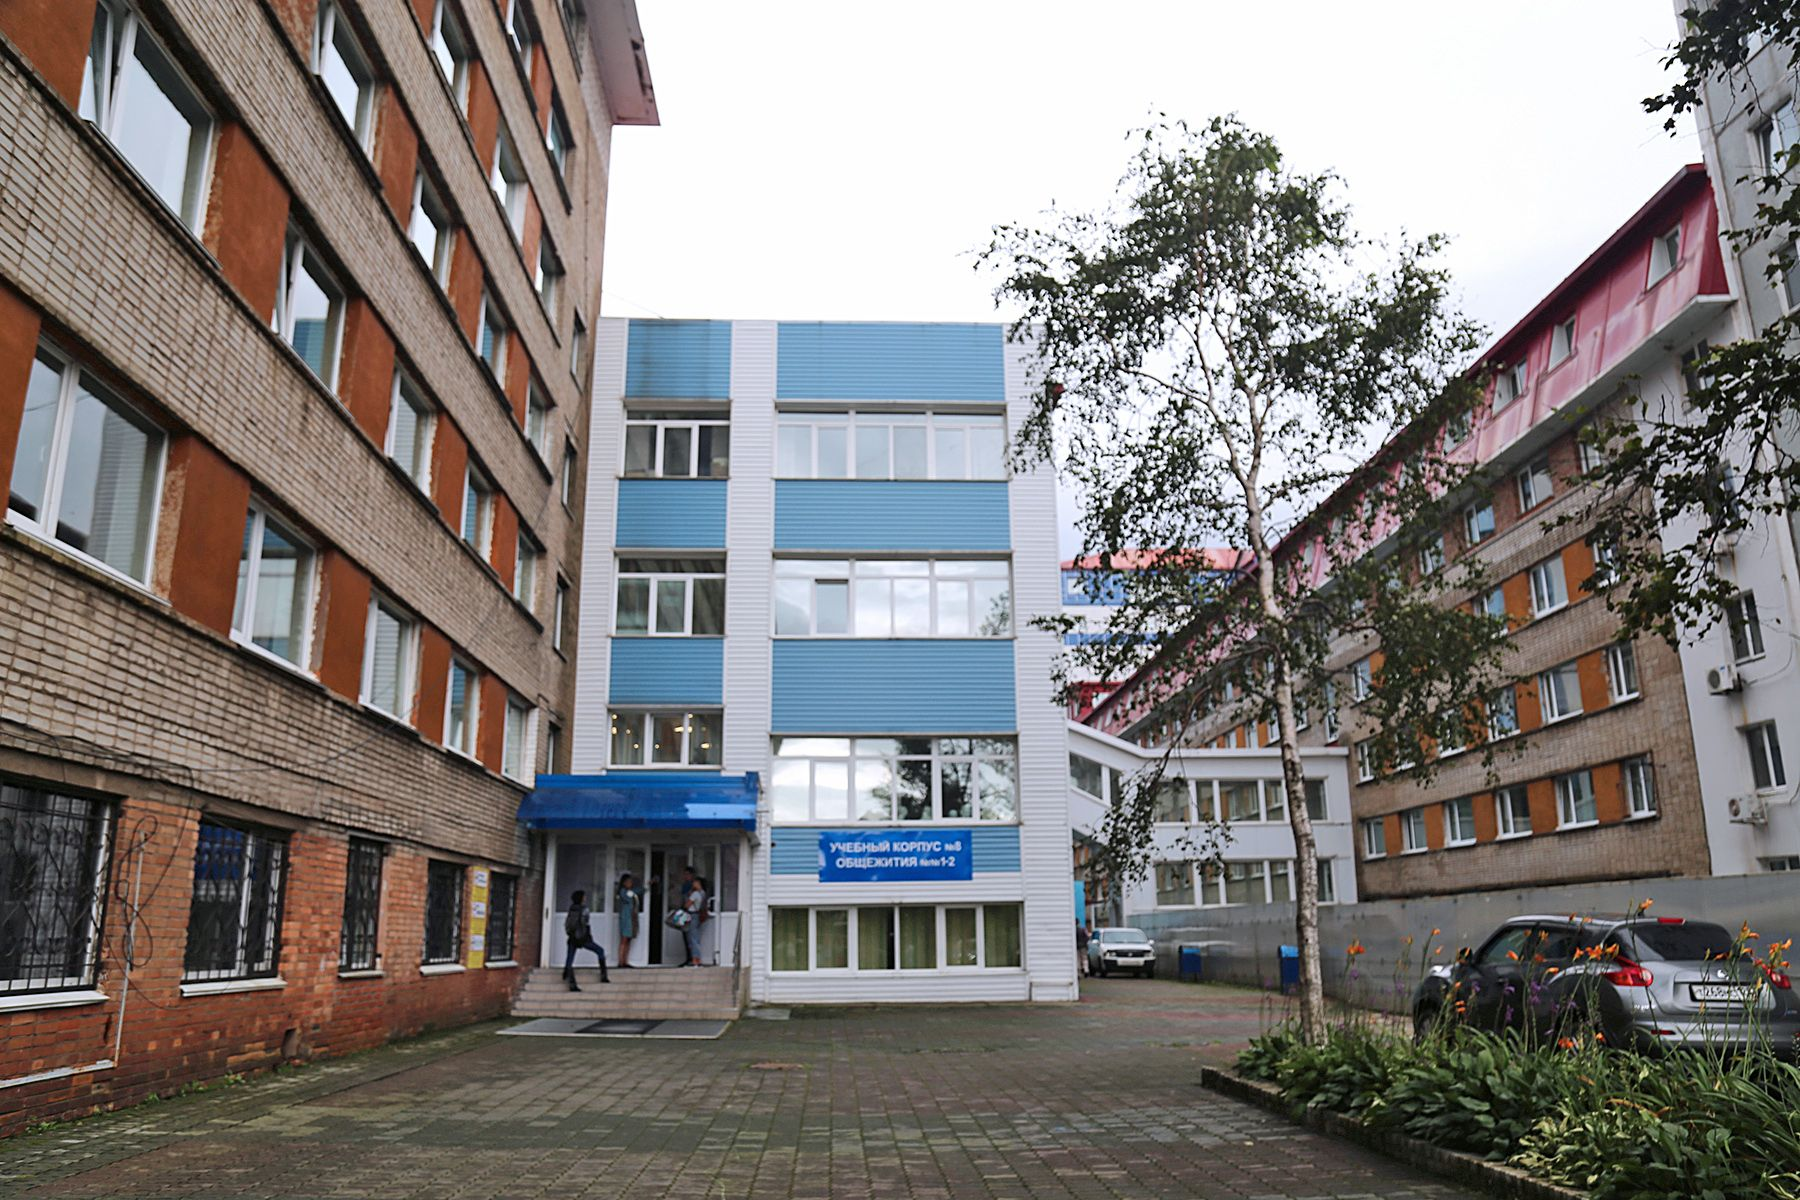 Заселяющимся в общежития ВГУЭС: внесены изменения в правила внутреннего распорядка